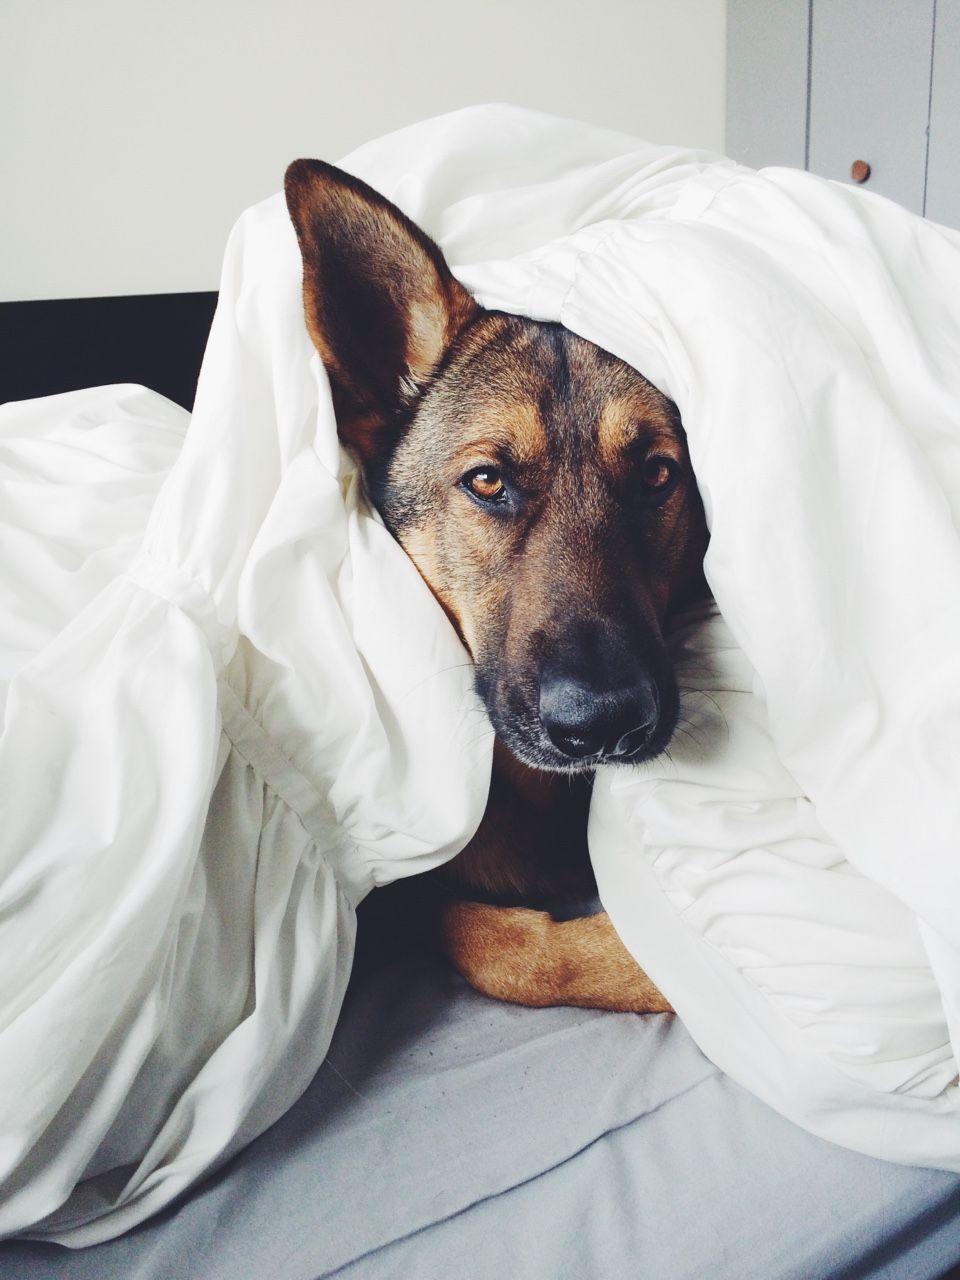 Lustige Weihnachtsbilder Mit Hunden Für Facebook - Lustige Weihnachtsbilder Mit Hunden Für Facebook